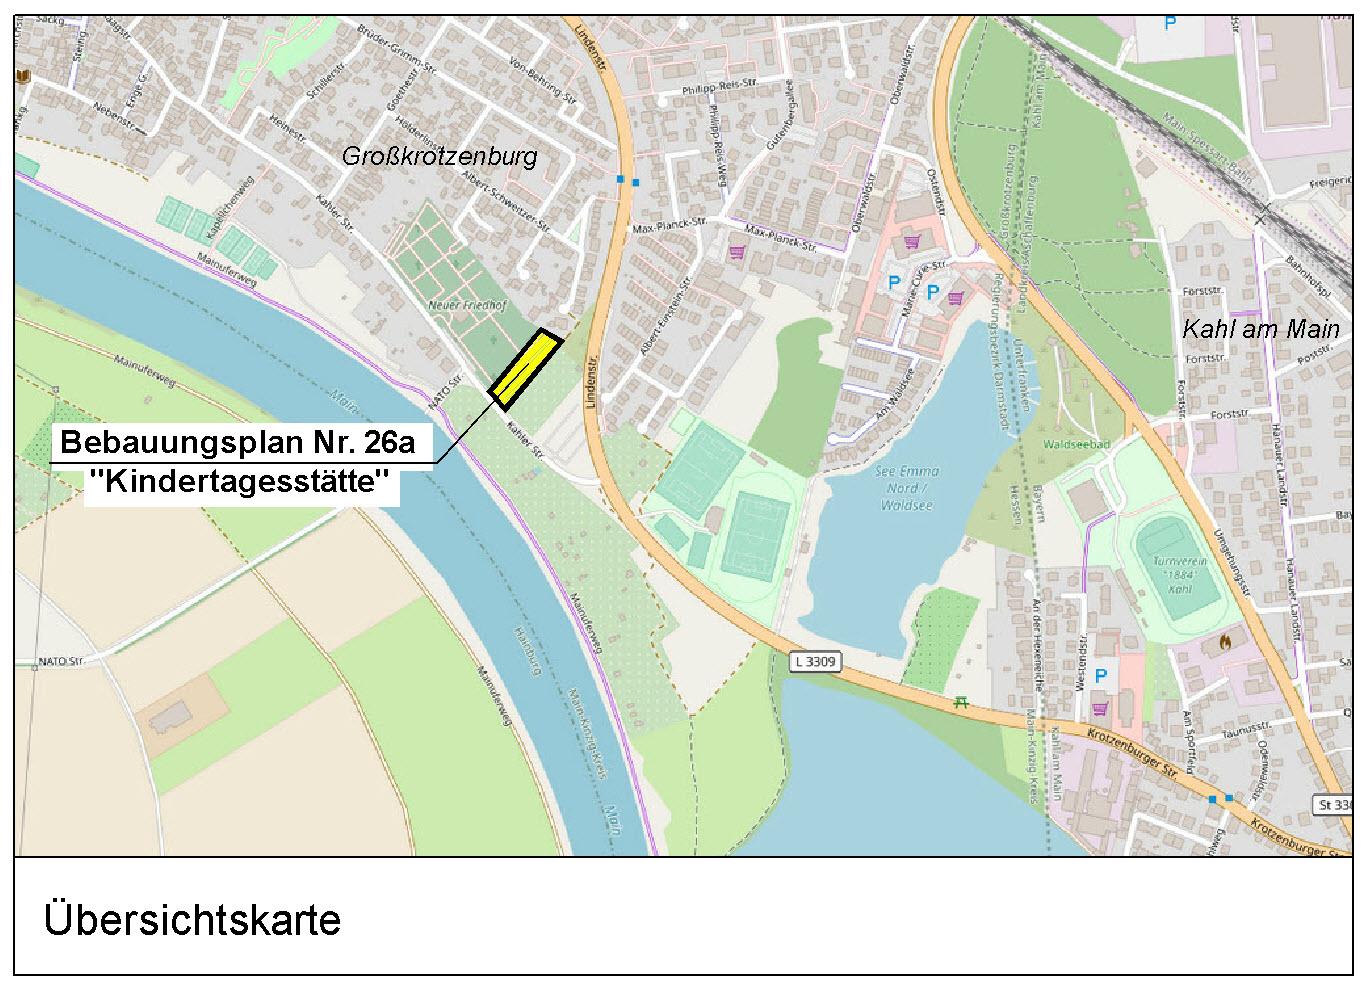 """Bebauungsplan Nr. 26a """"Kindertagesstätte"""" Gemeinde Großkrotzenburg"""